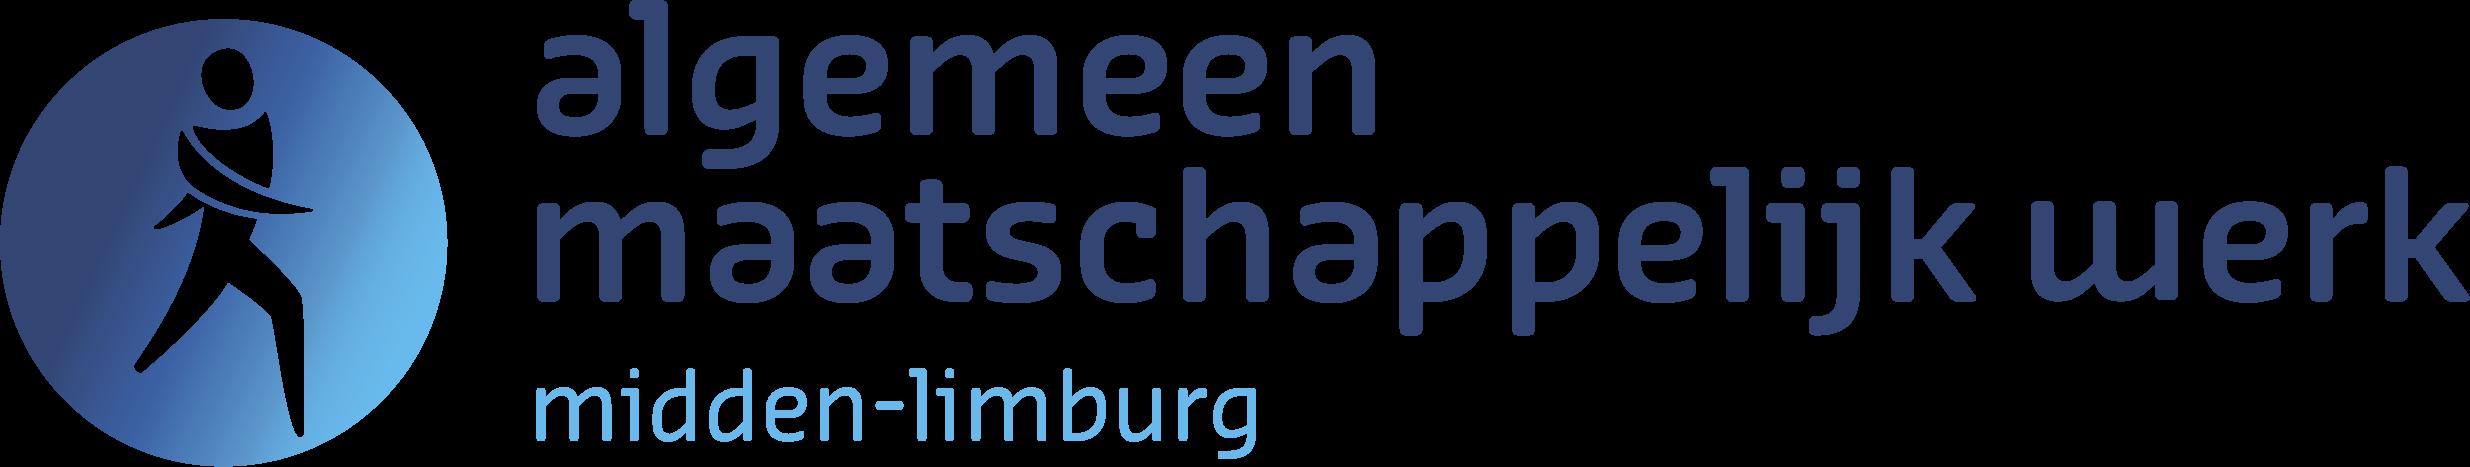 logo algemeen maatschappelijk werk midden limburg